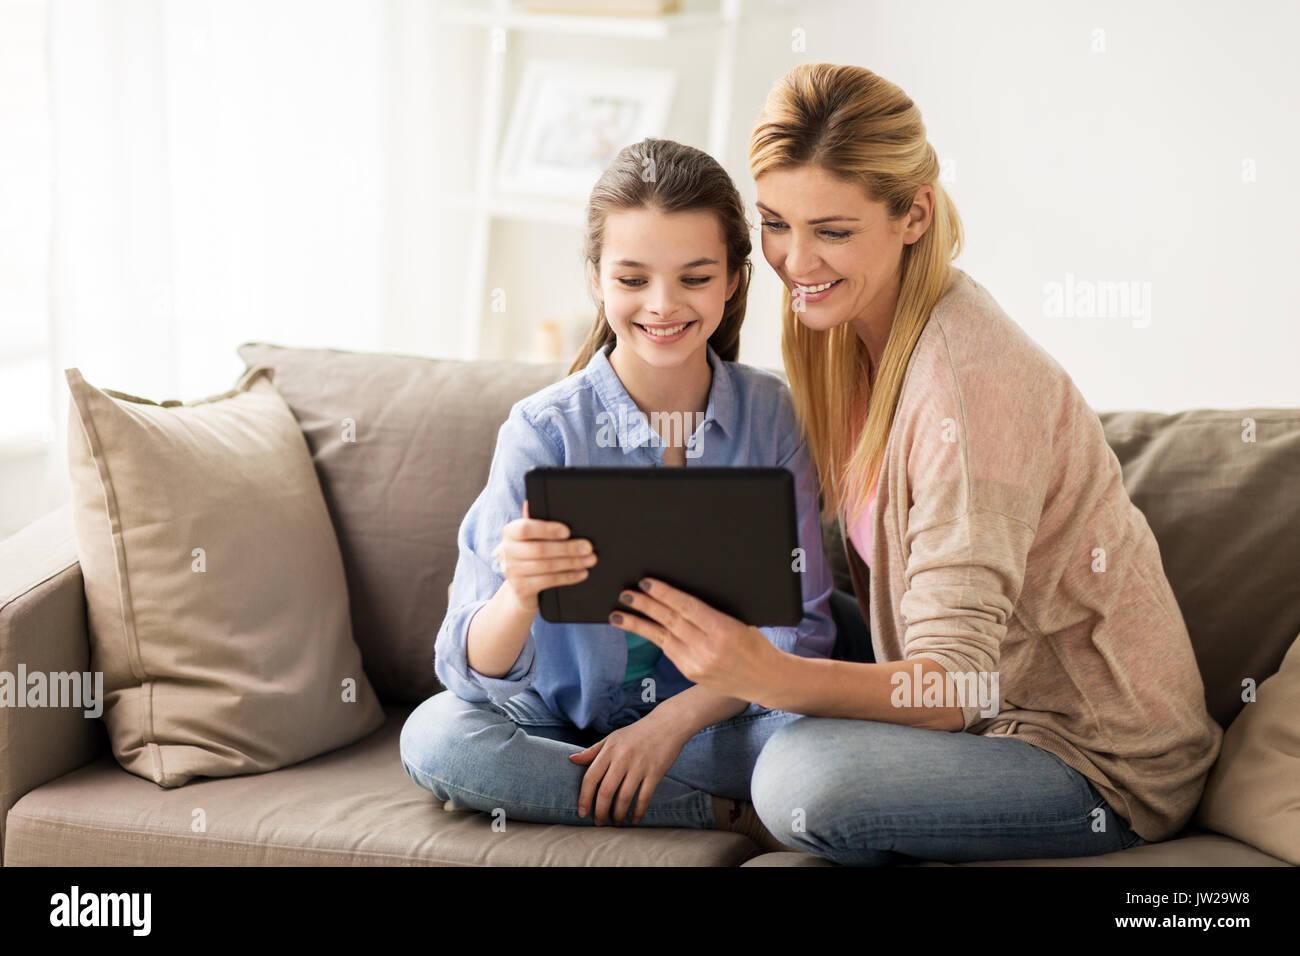 Familia feliz con tablet PC en casa. Imagen De Stock